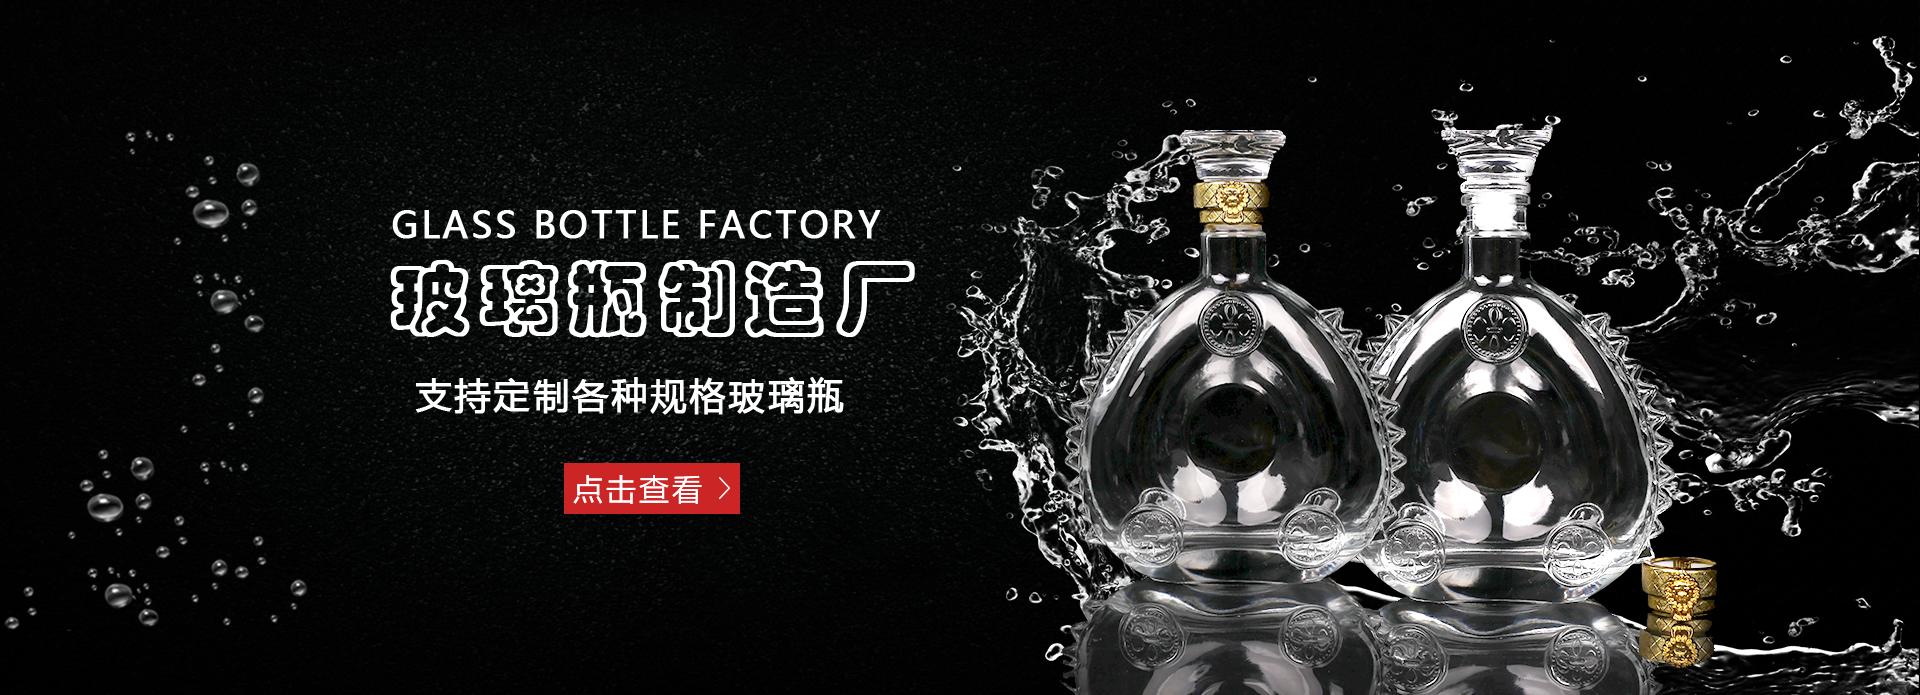 玻璃瓶厂家